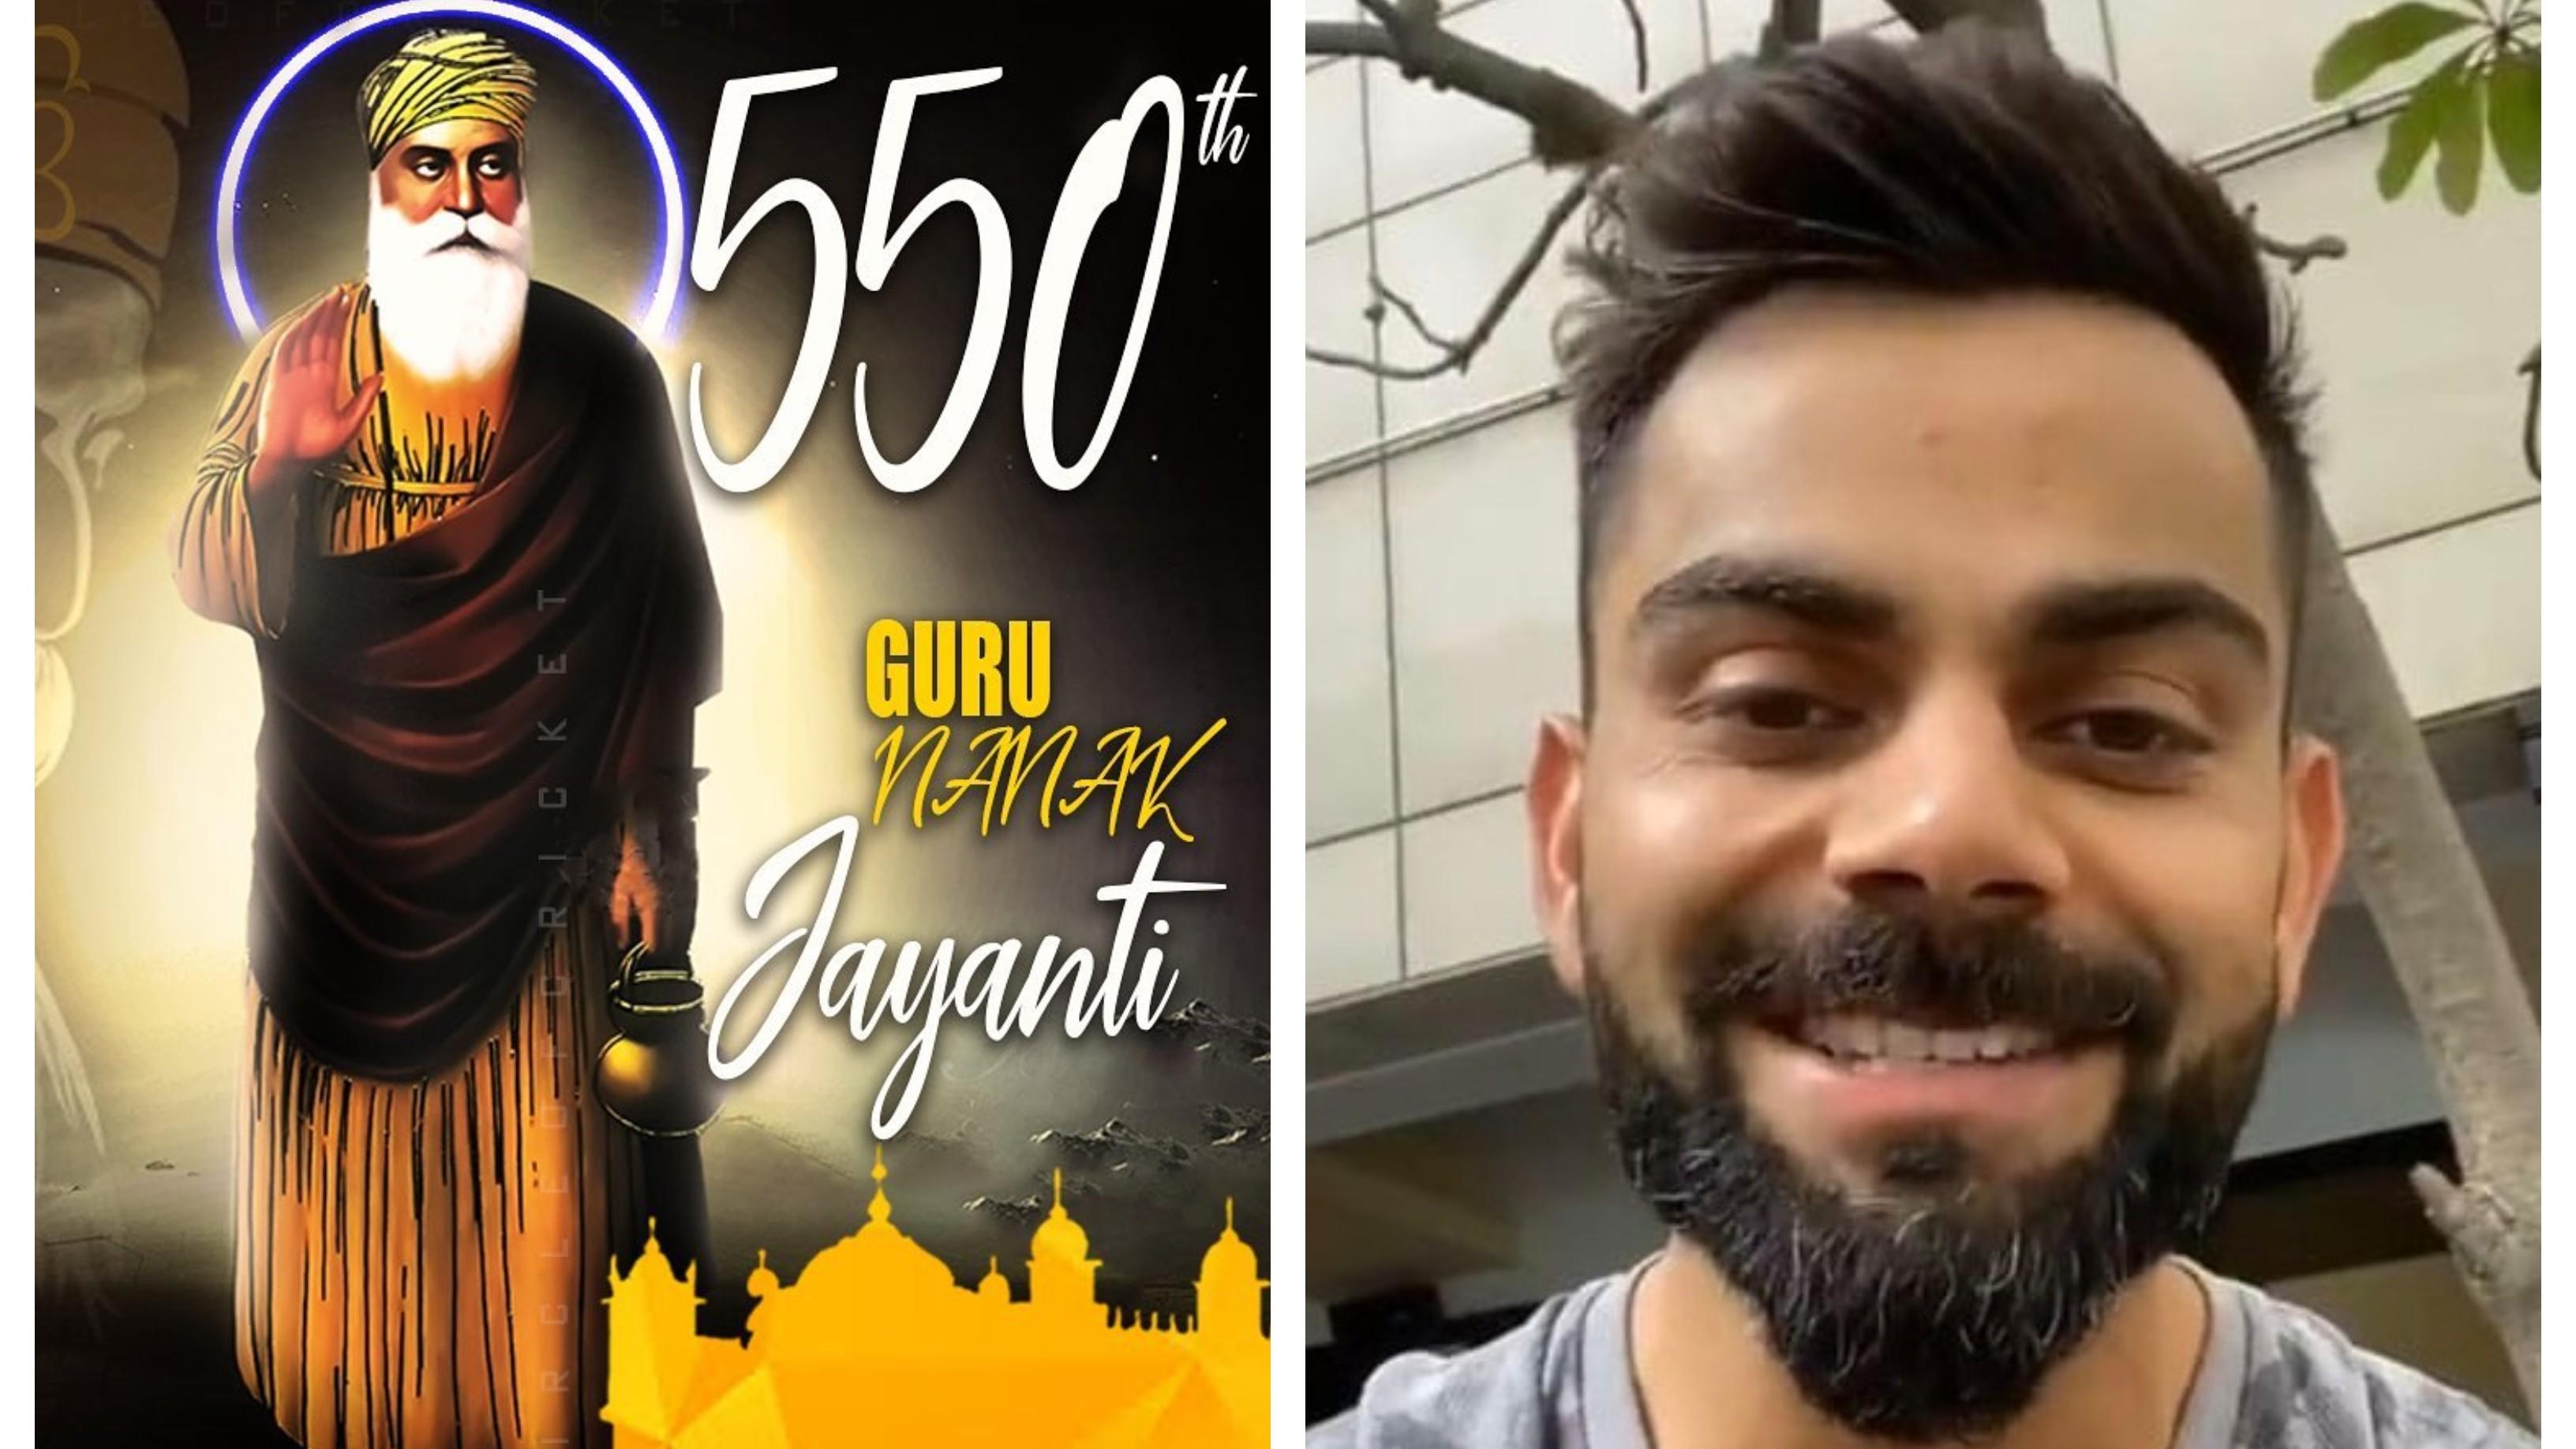 भारतीय कप्तान विराट कोहली ने गुरुपर्व के पावन अवसर पर फैंस को दिया शुभकामना संदेश